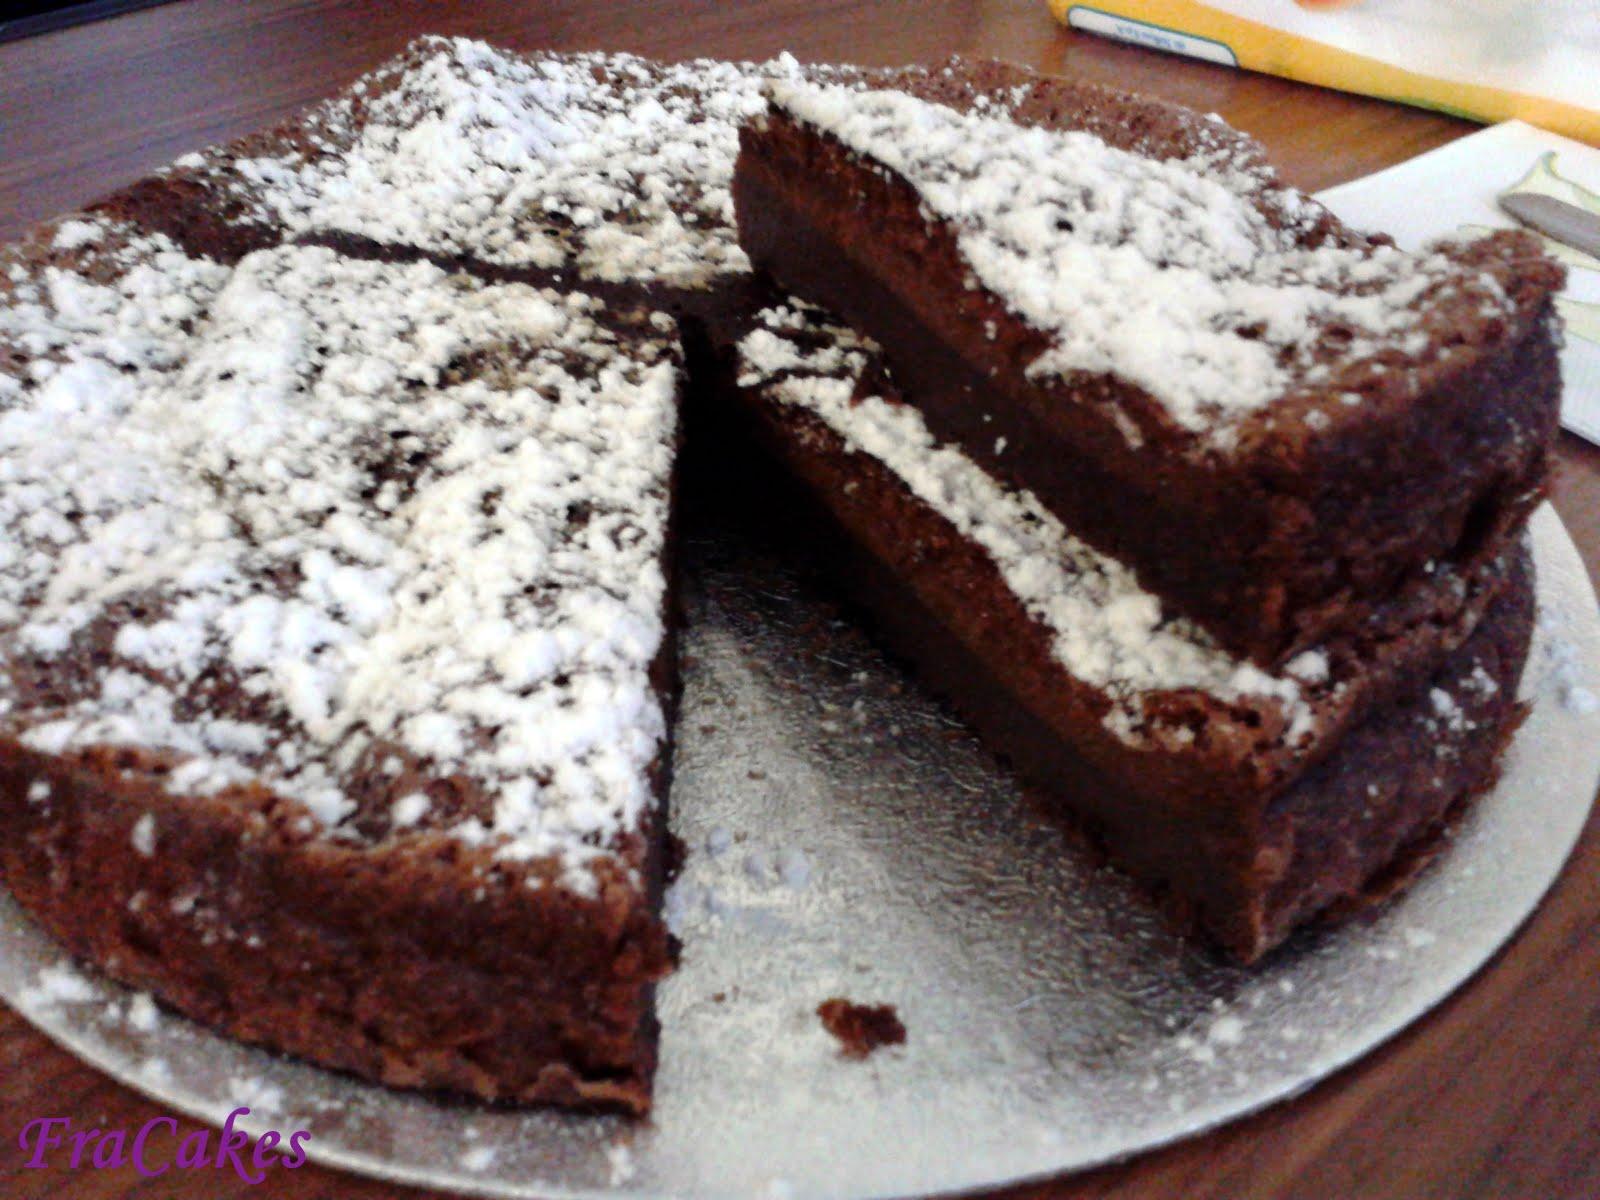 Fracakes 18 11 2012 torta magica alla nutella - Bagno nella nutella ...